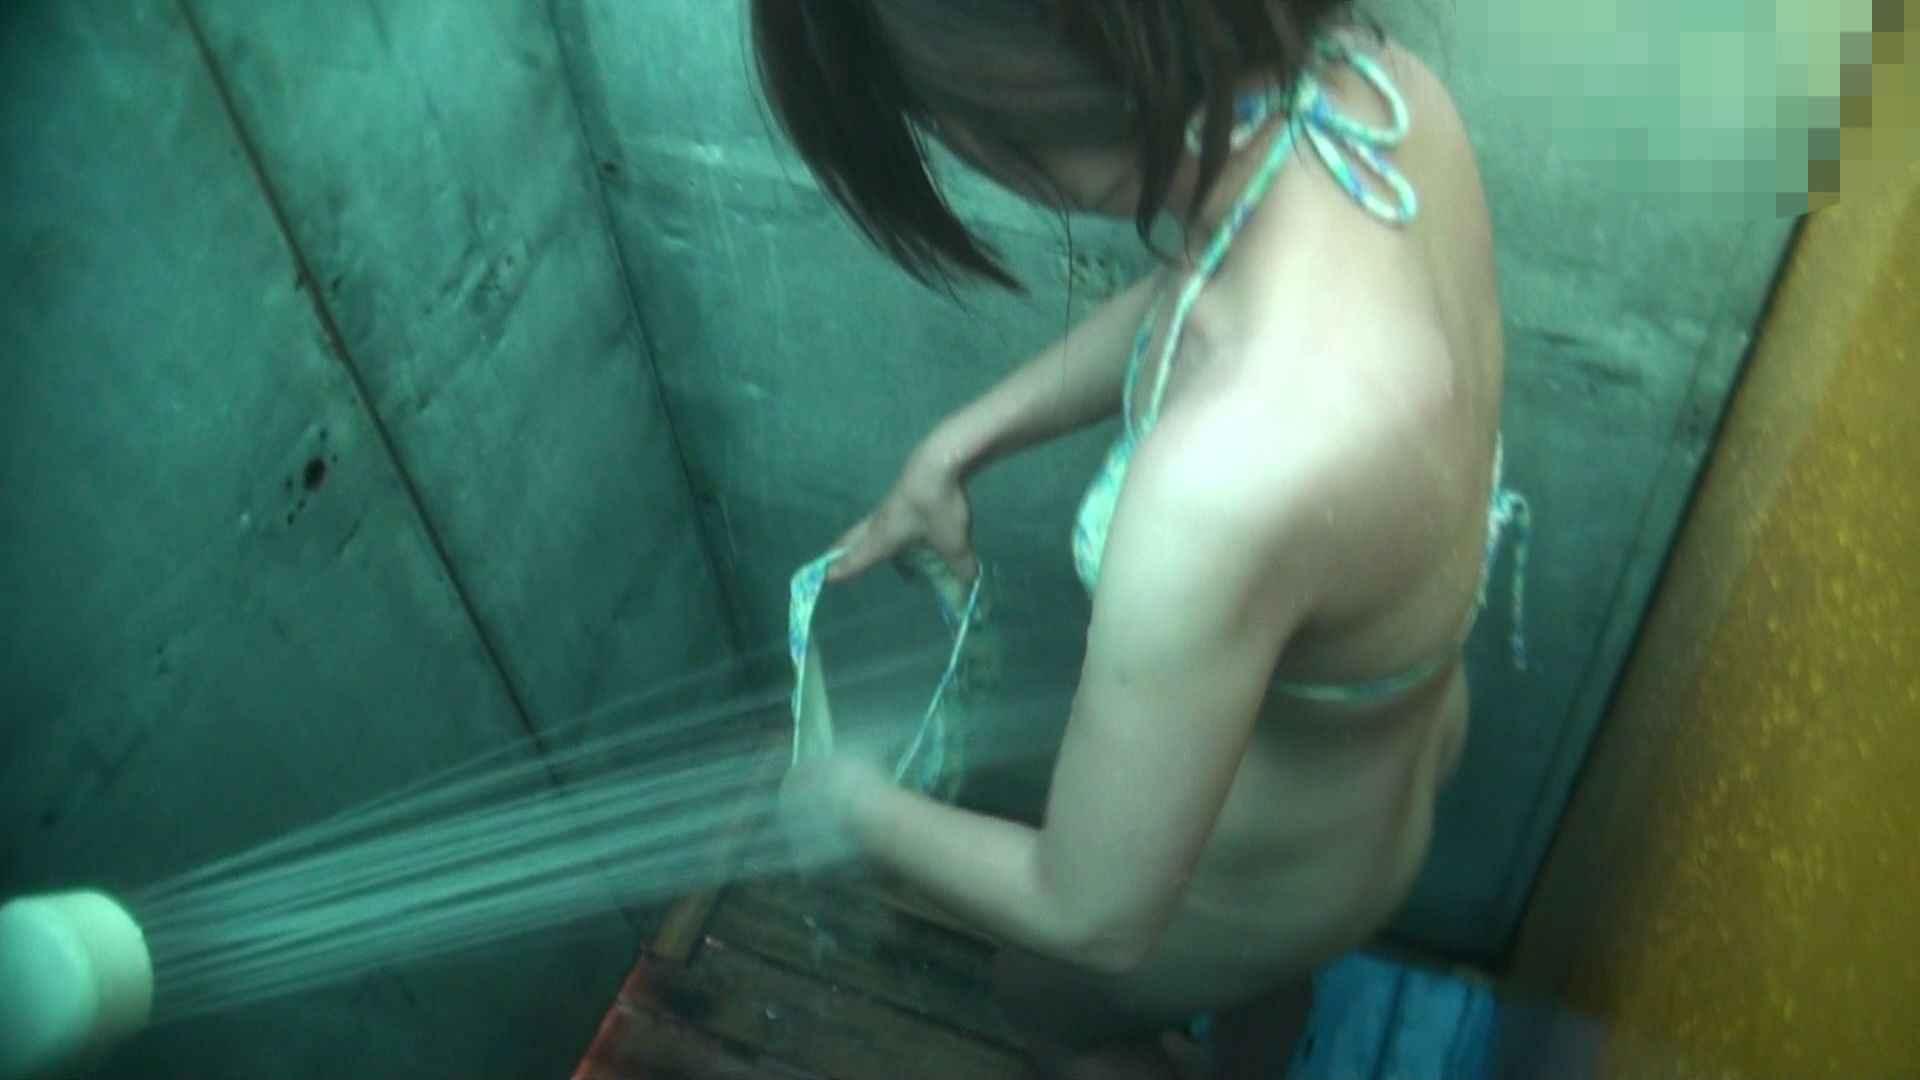 シャワールームは超!!危険な香りVol.15 残念ですが乳首未確認 マンコの砂は入念に マンコ映像  63連発 45